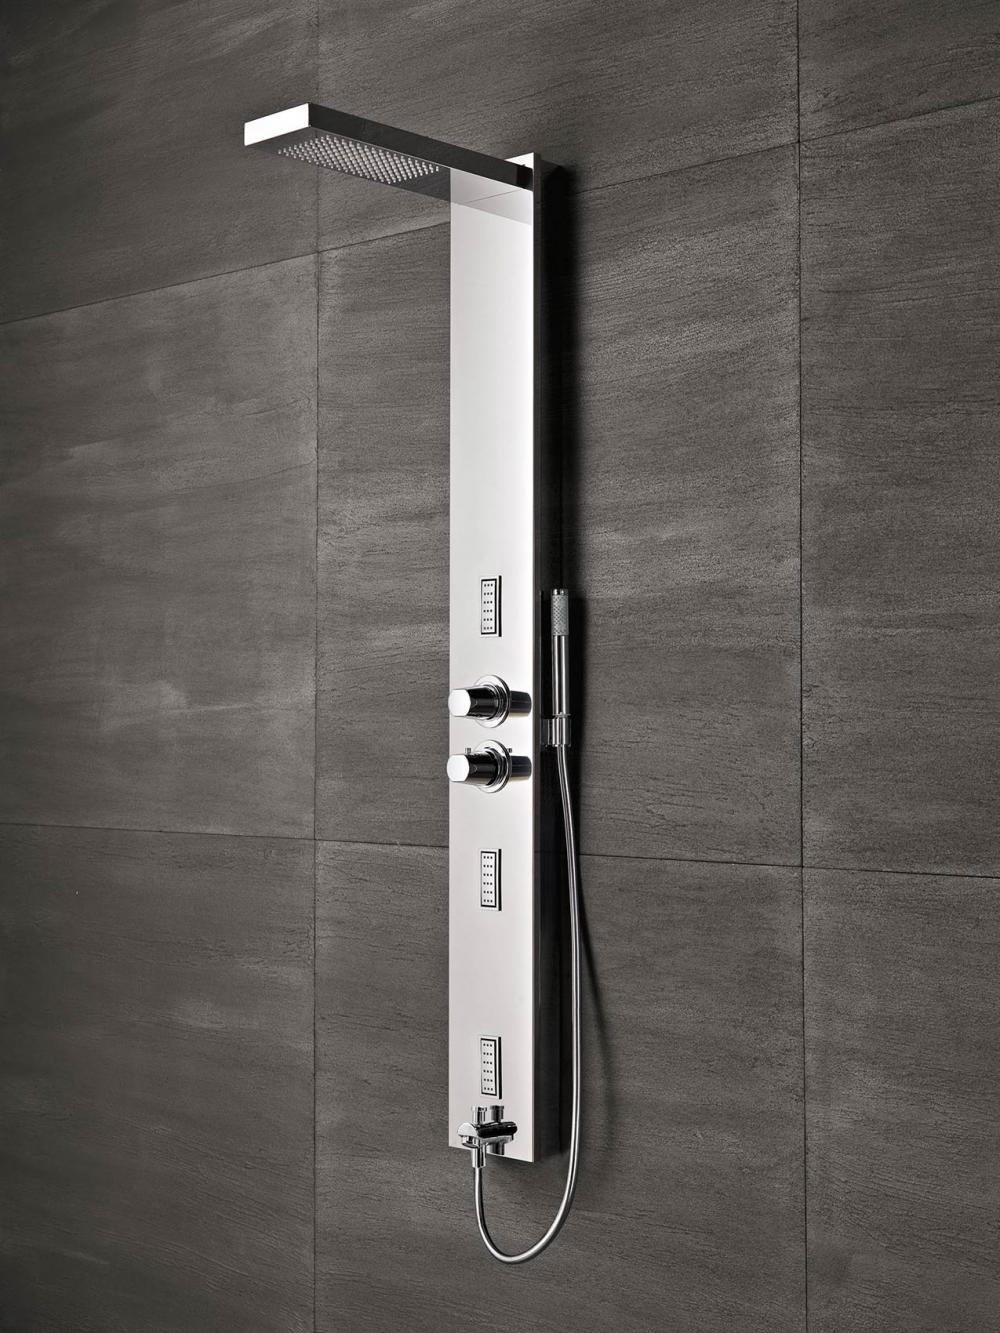 Flair pannello doccia con soffione integrato pannelli doccia glass 1989 - Rubinetti per il bagno ...